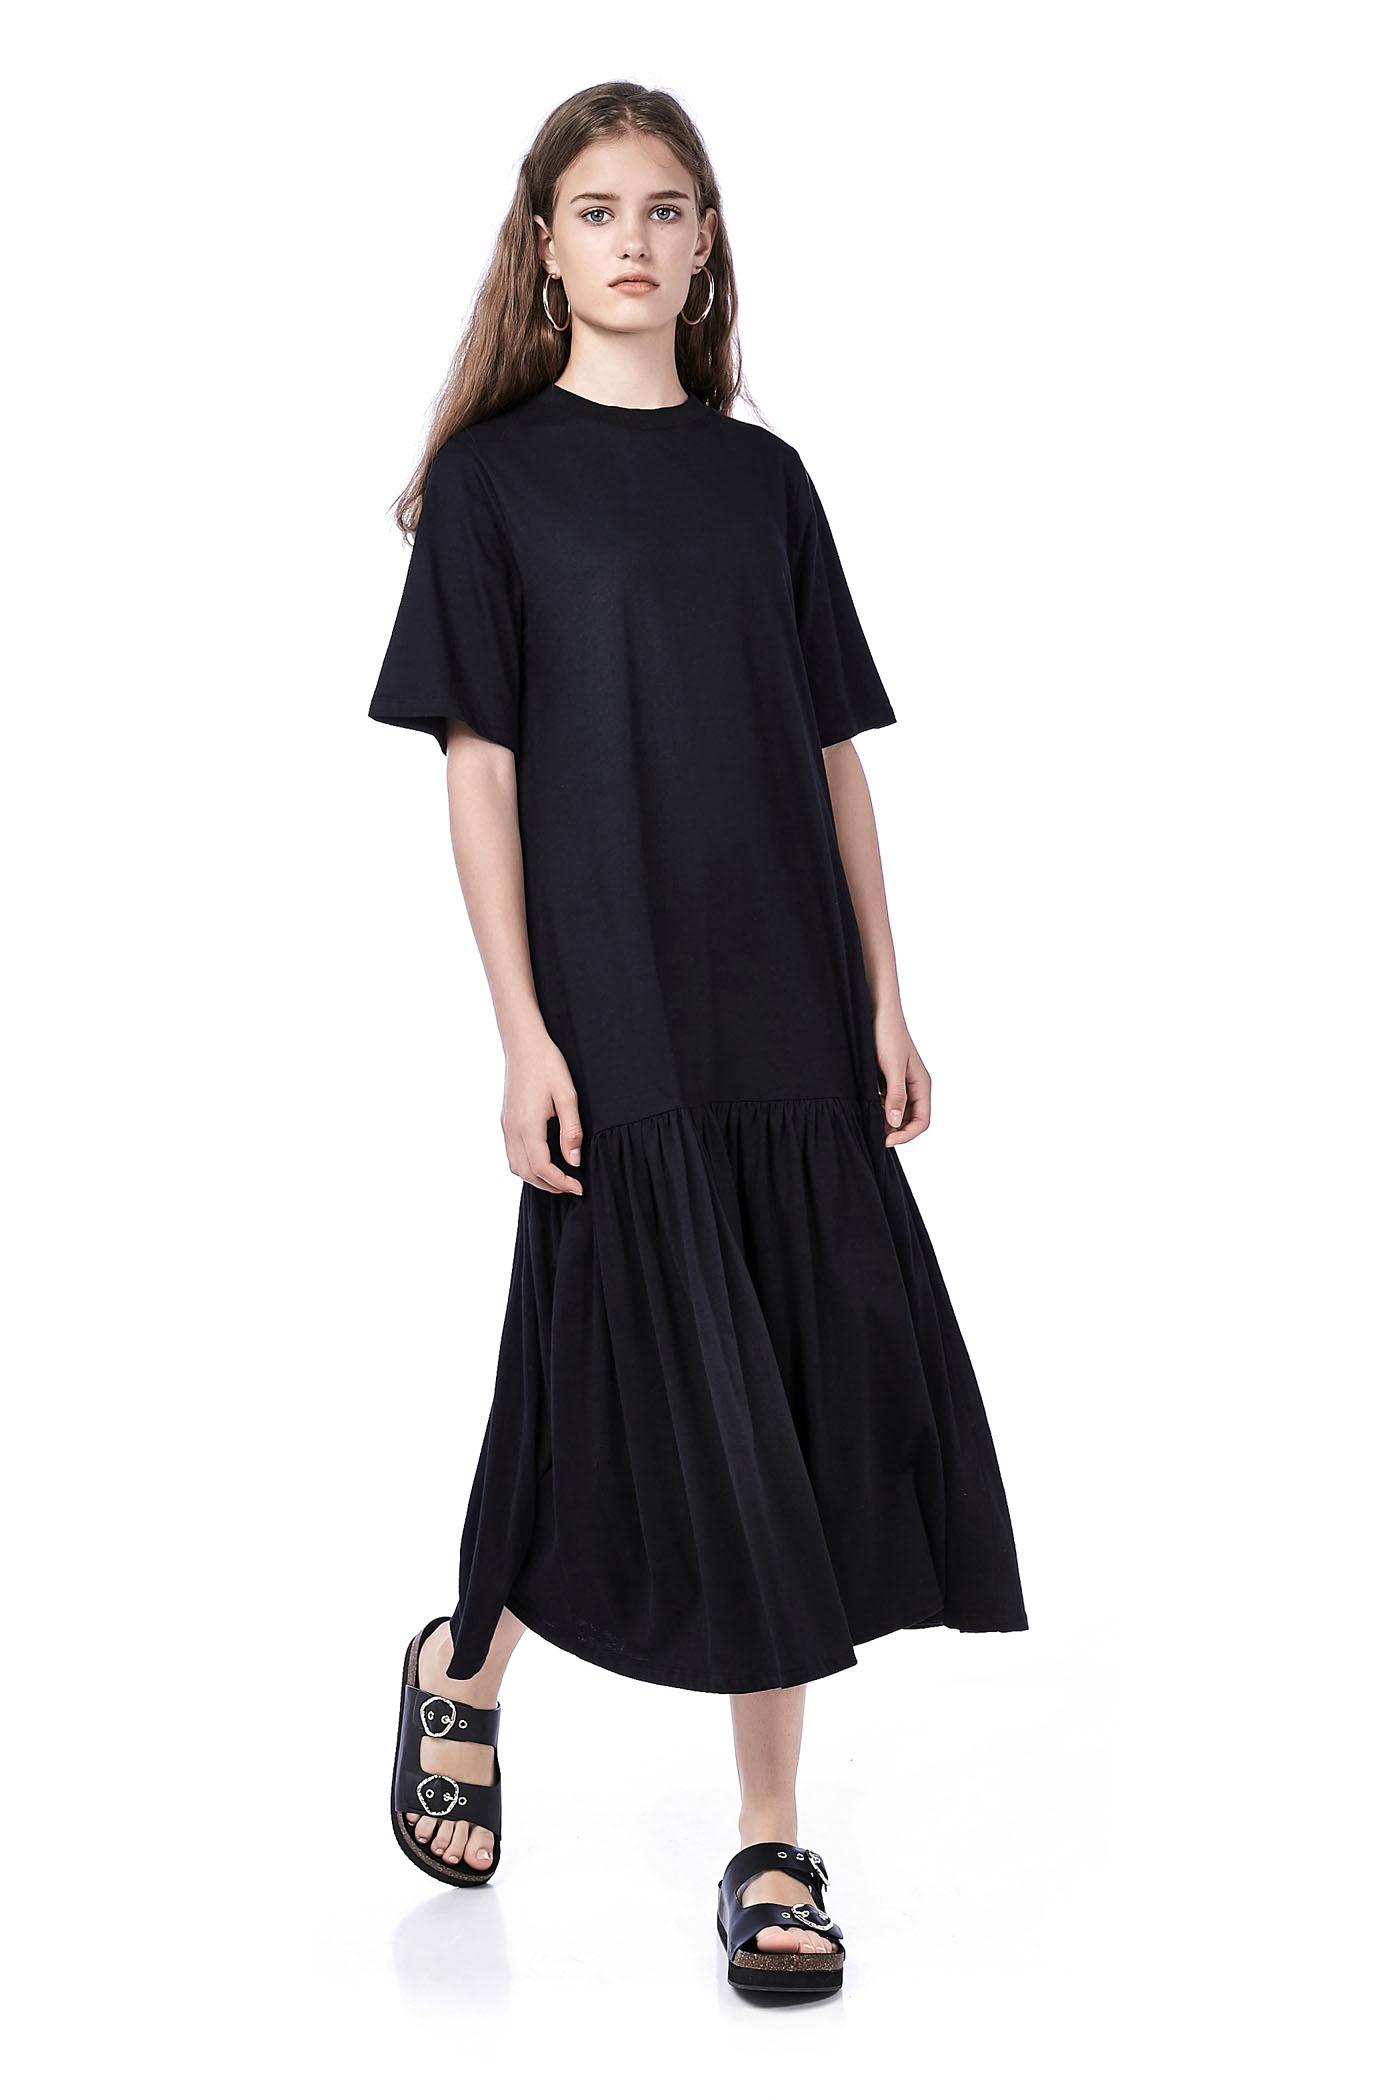 Ernie Drop-Waist Maxi Dress